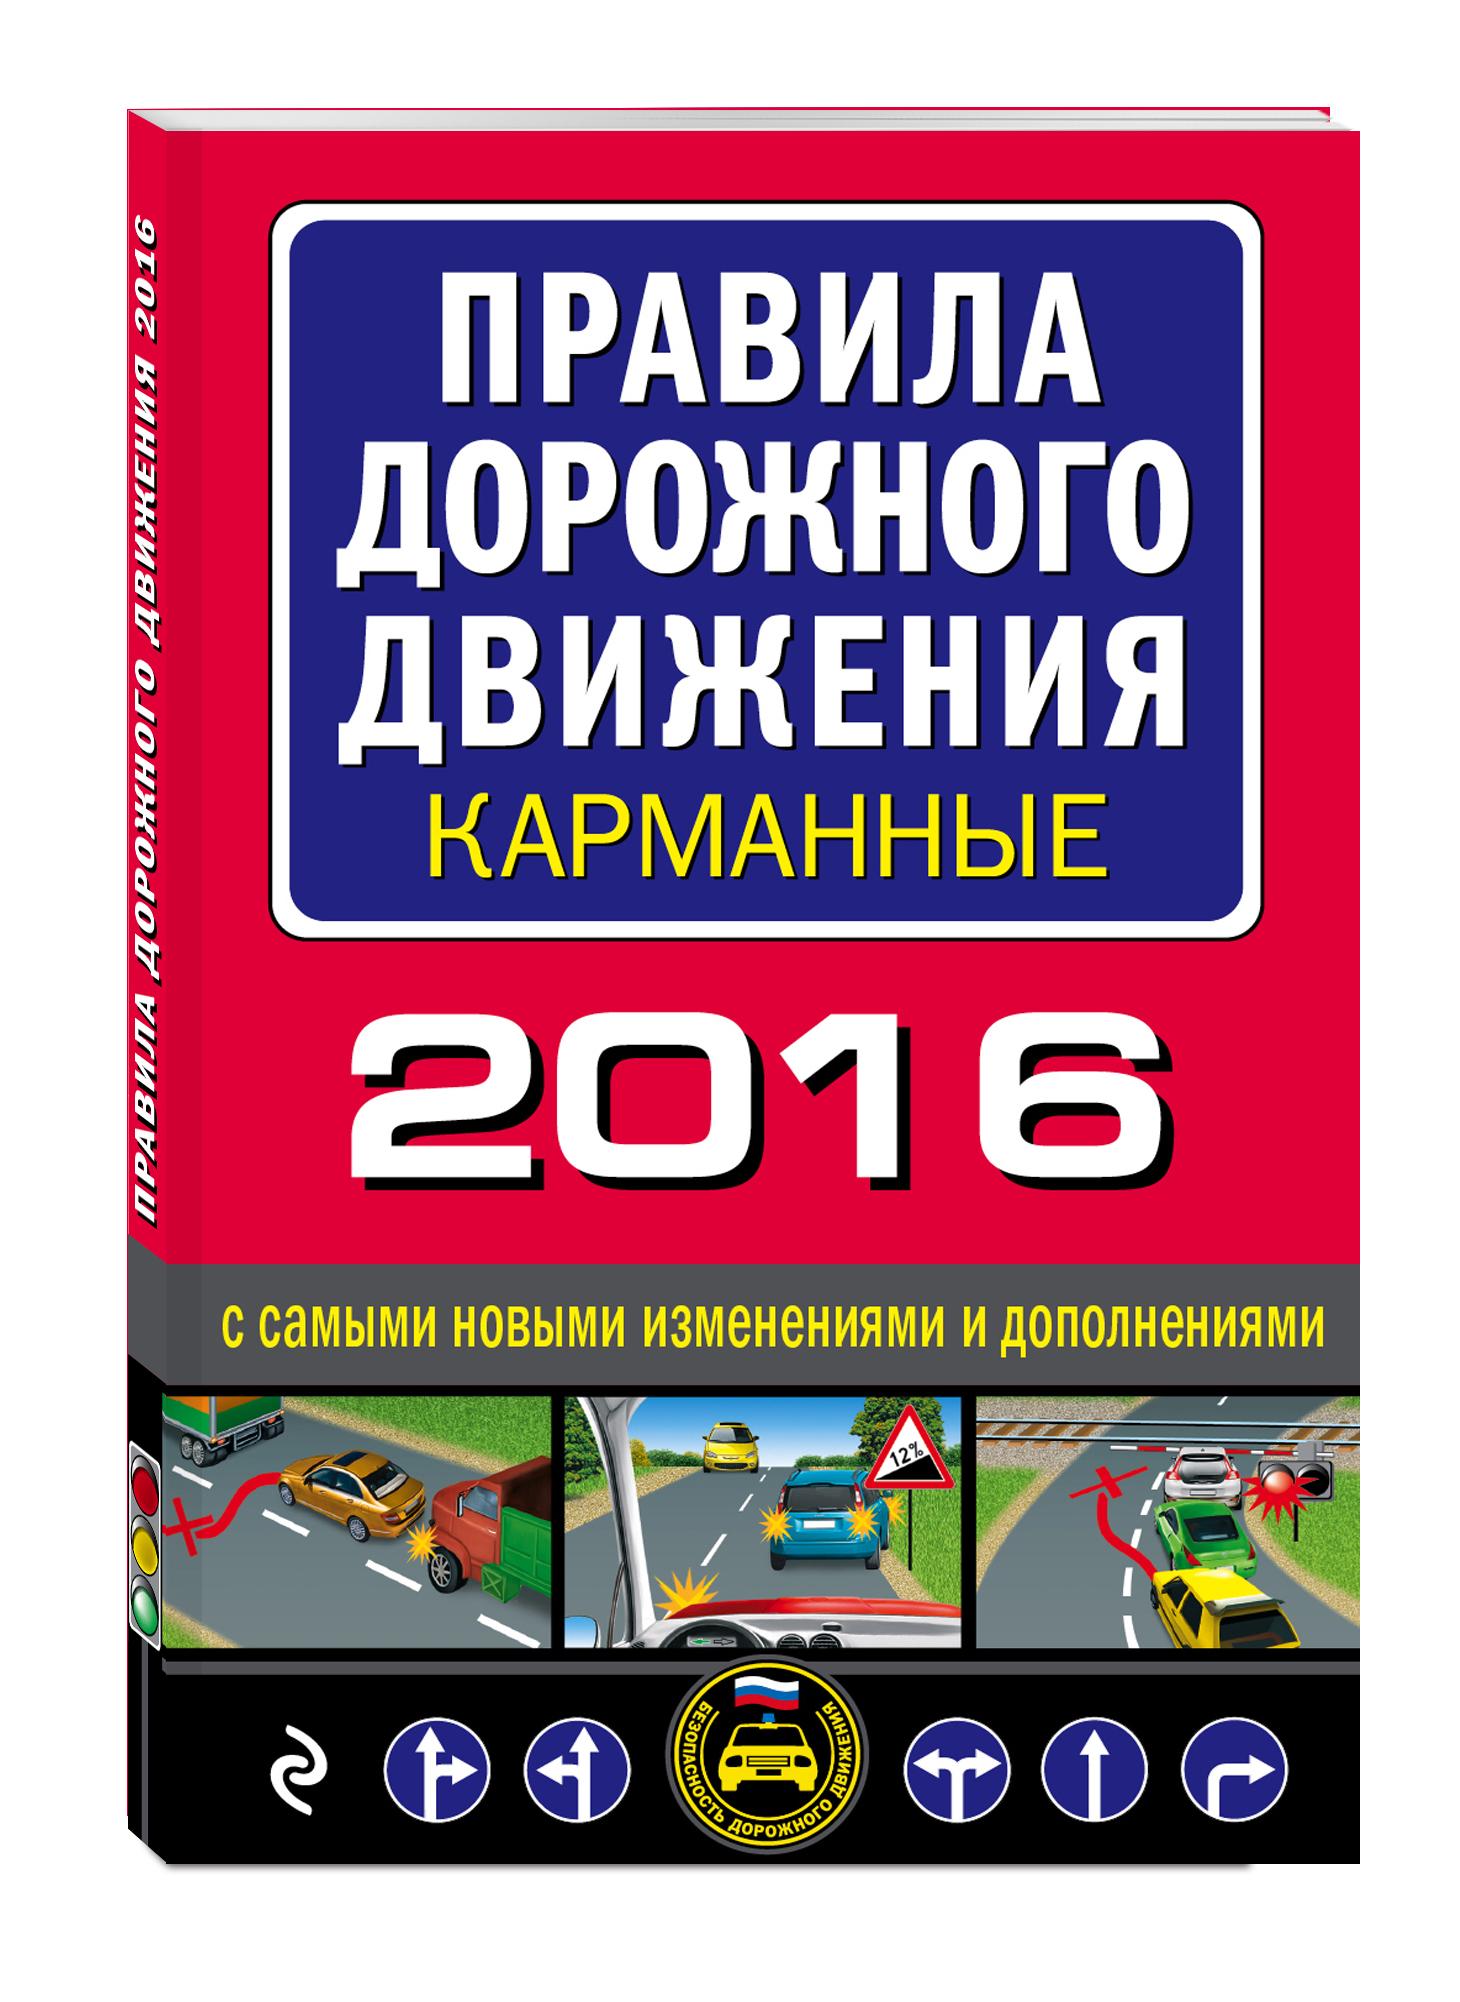 Правила дорожного движения 2016 карманные с самыми новыми изменениями и дополнениями